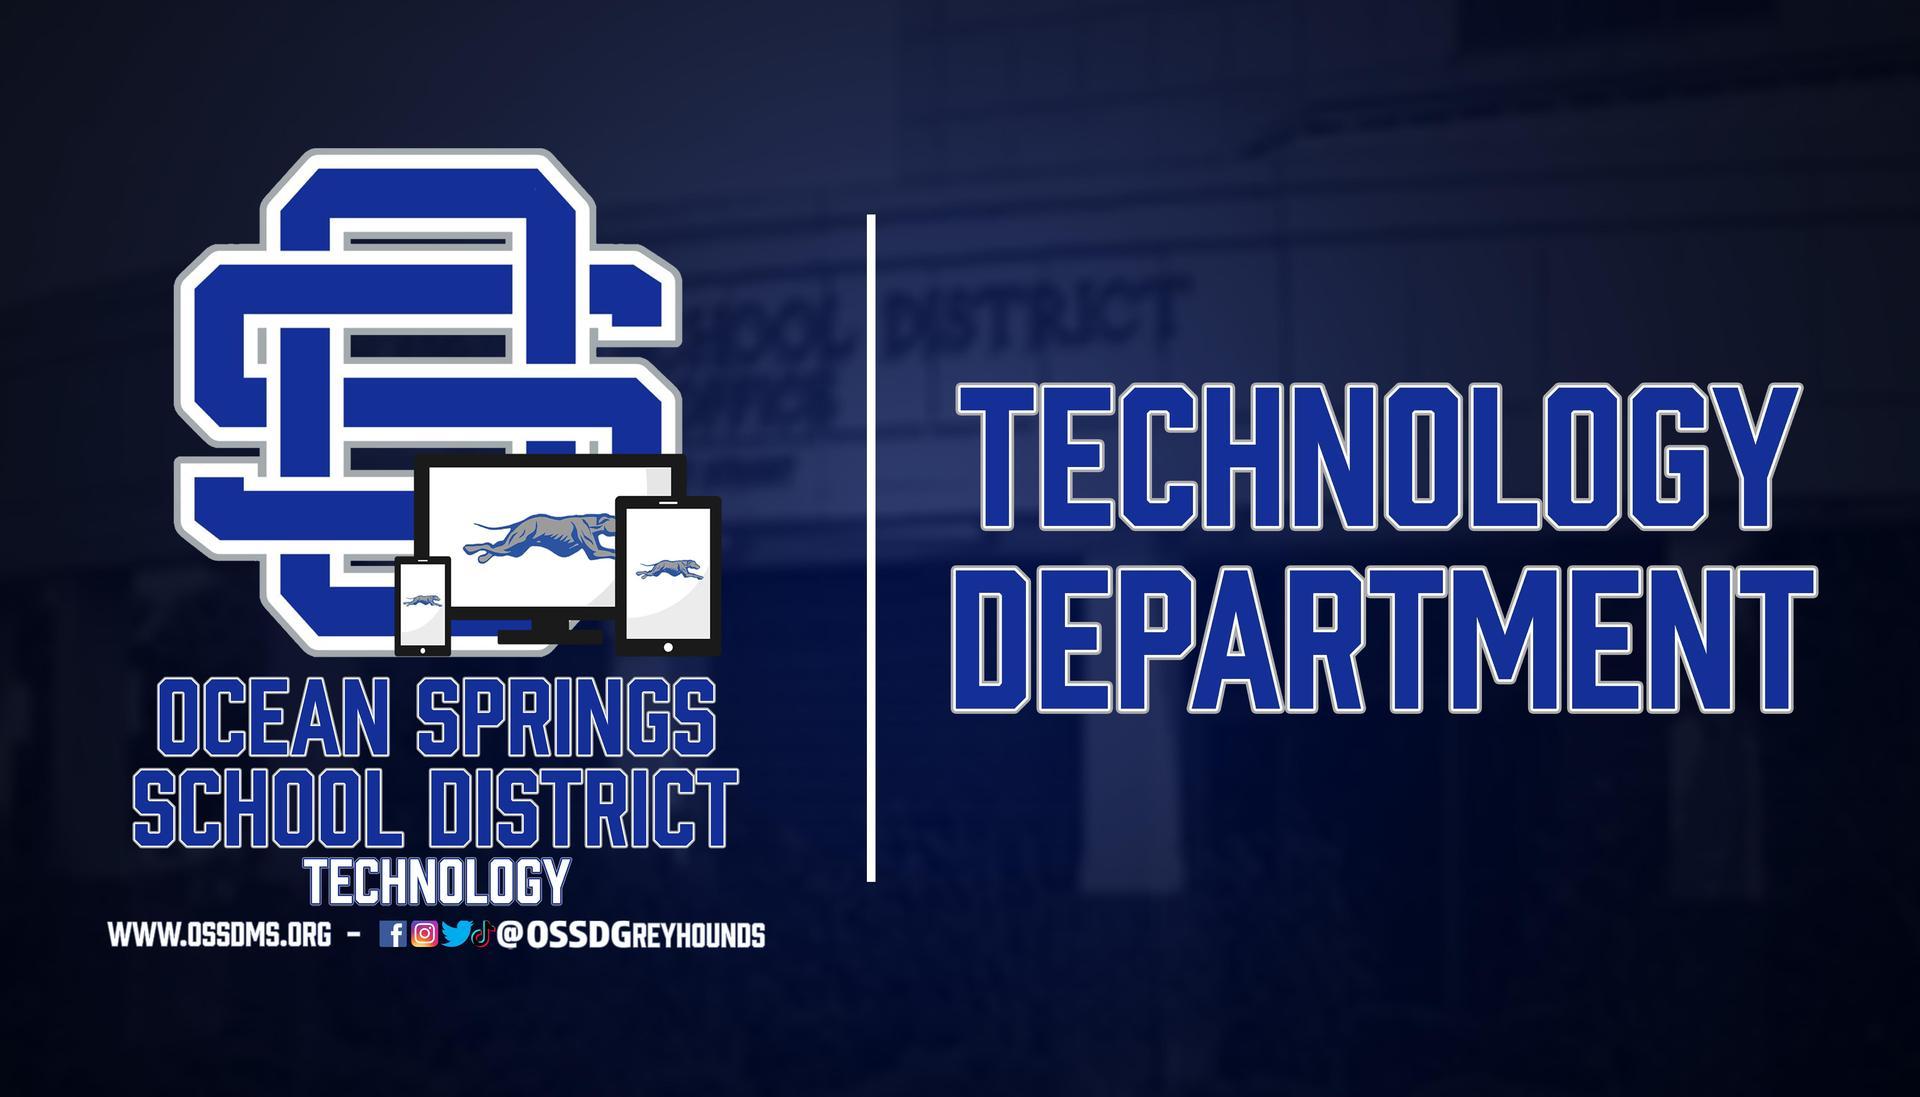 Technology Department Header